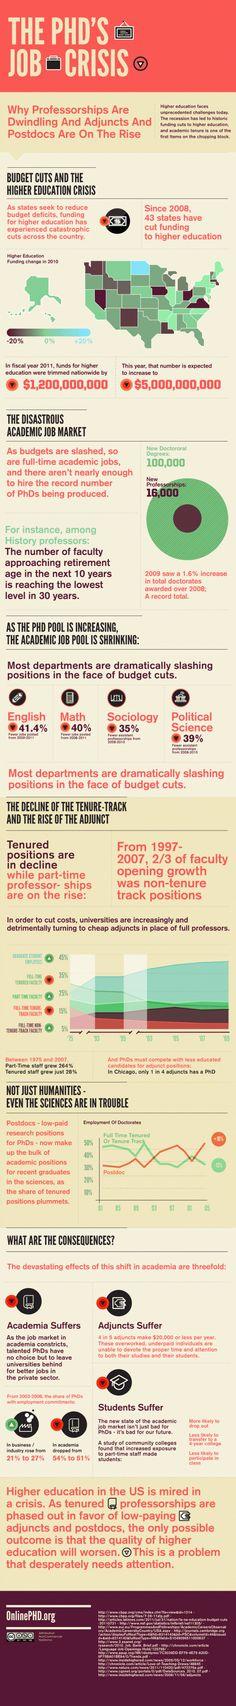 The PhD's Job Crisis